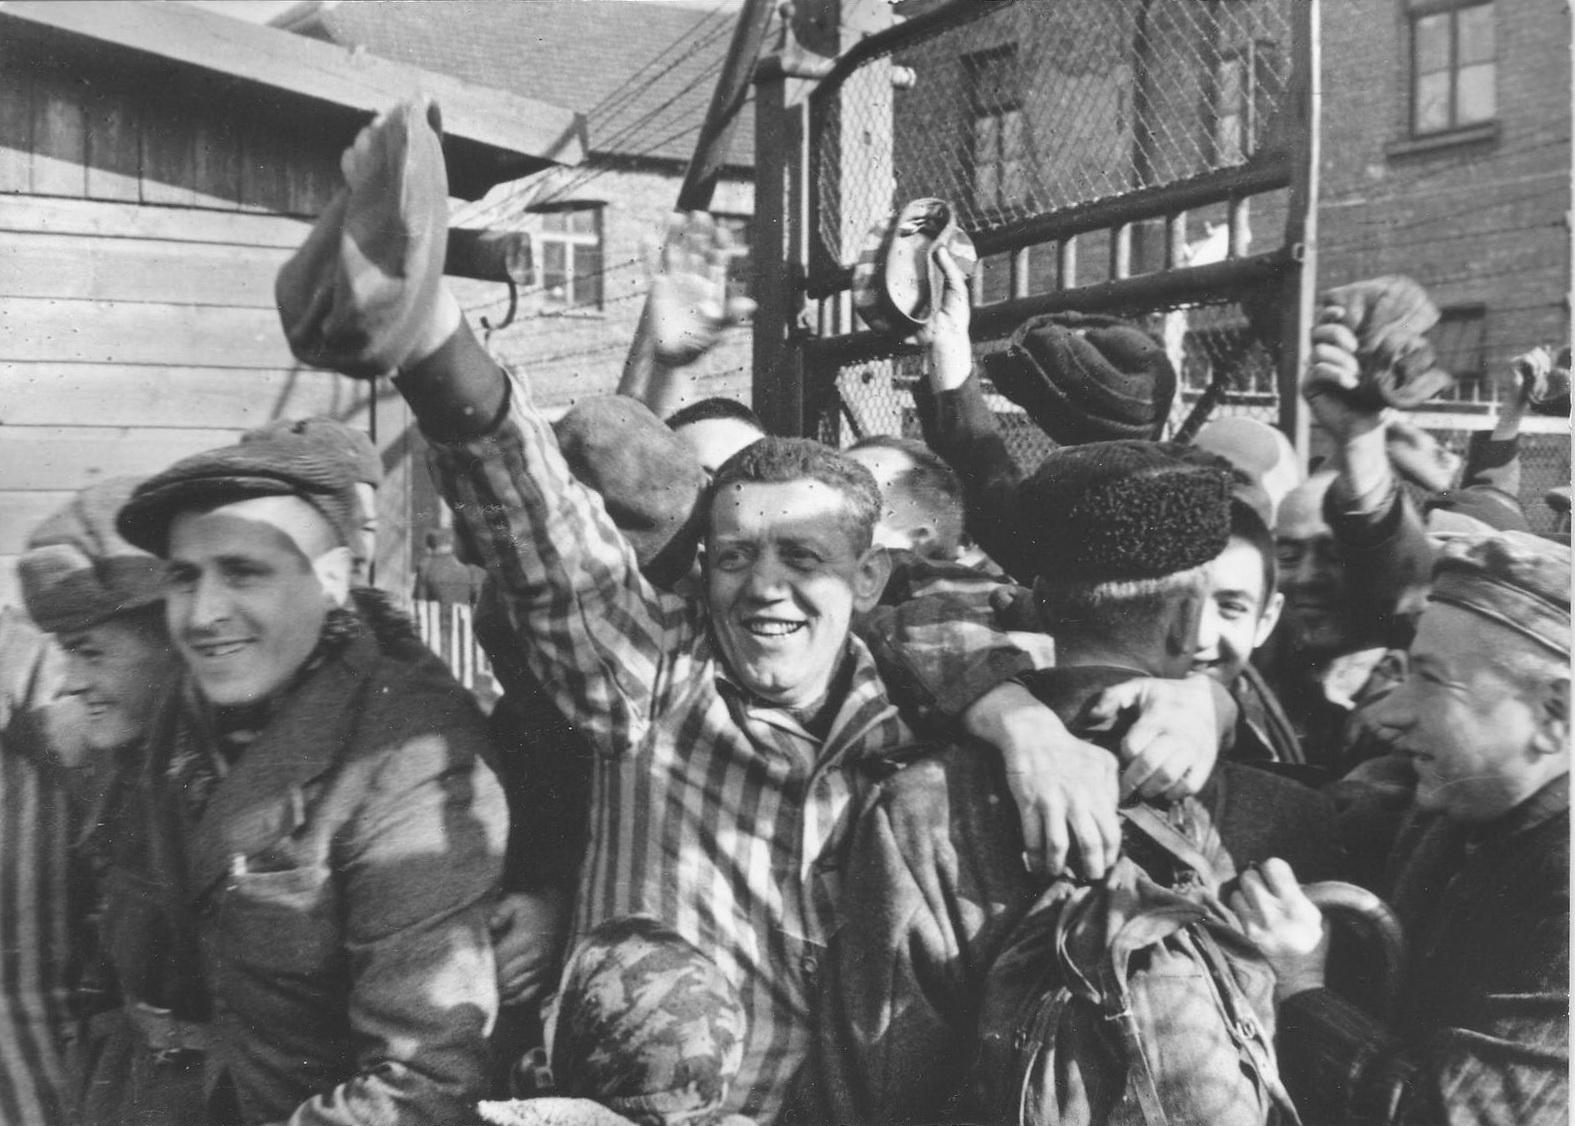 Немецкое издание допустило серьезную ошибку, назвав Штаты освободителями Освенцима